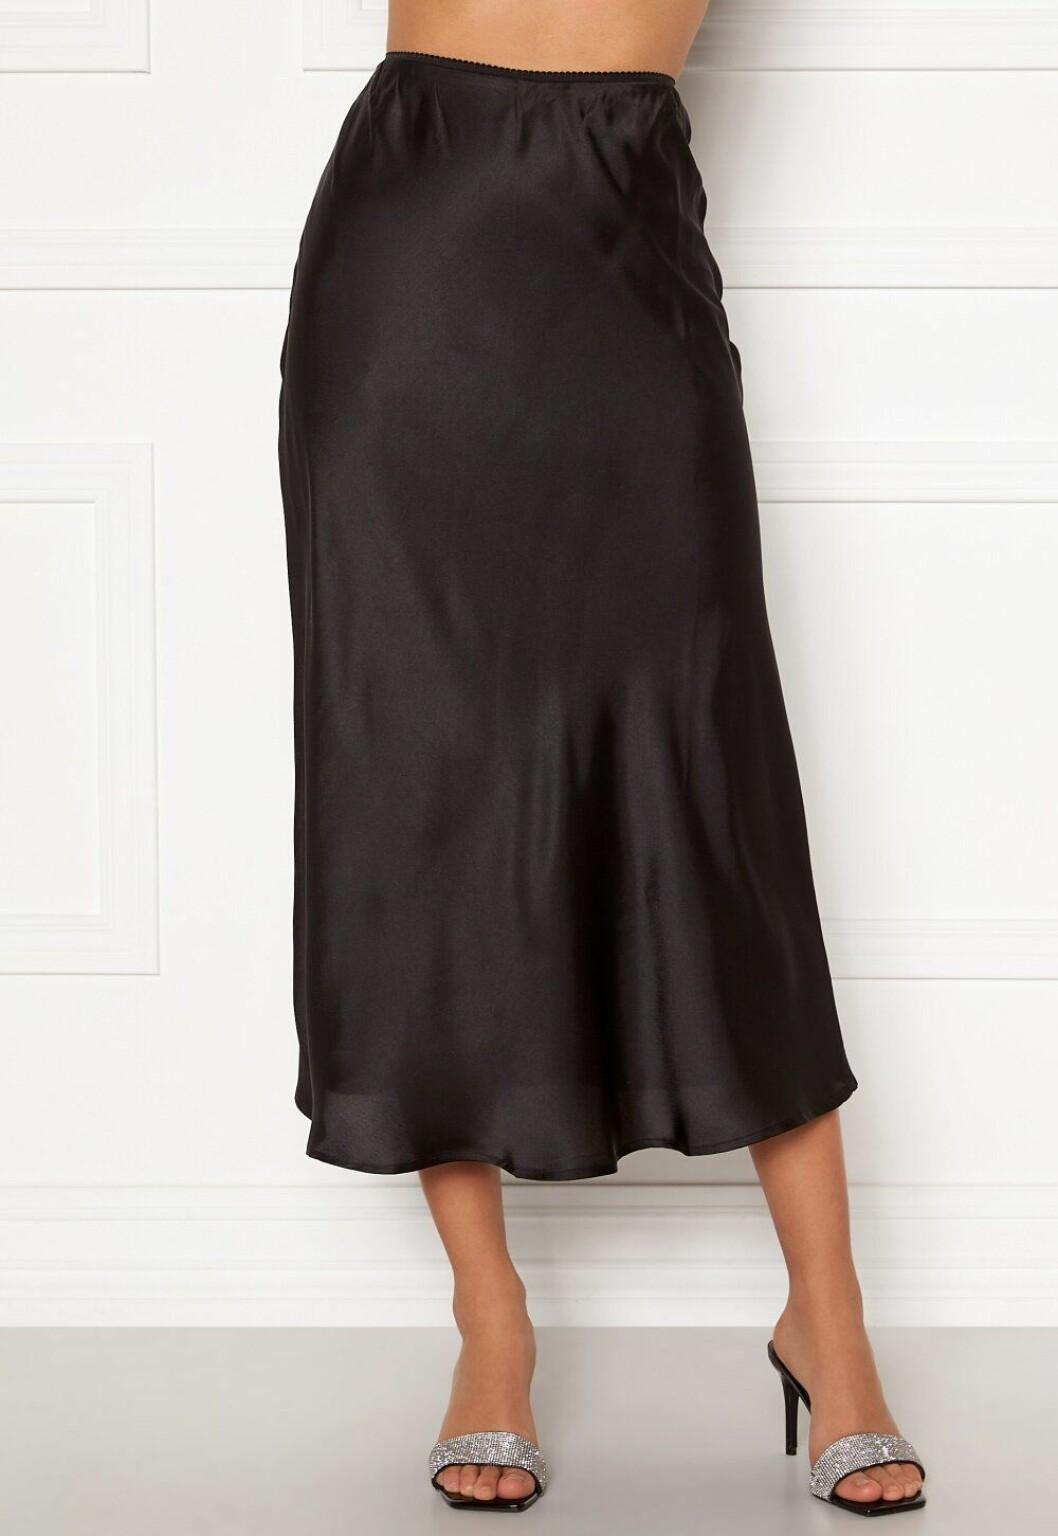 svart satinkjol för dam till sommaren 2020